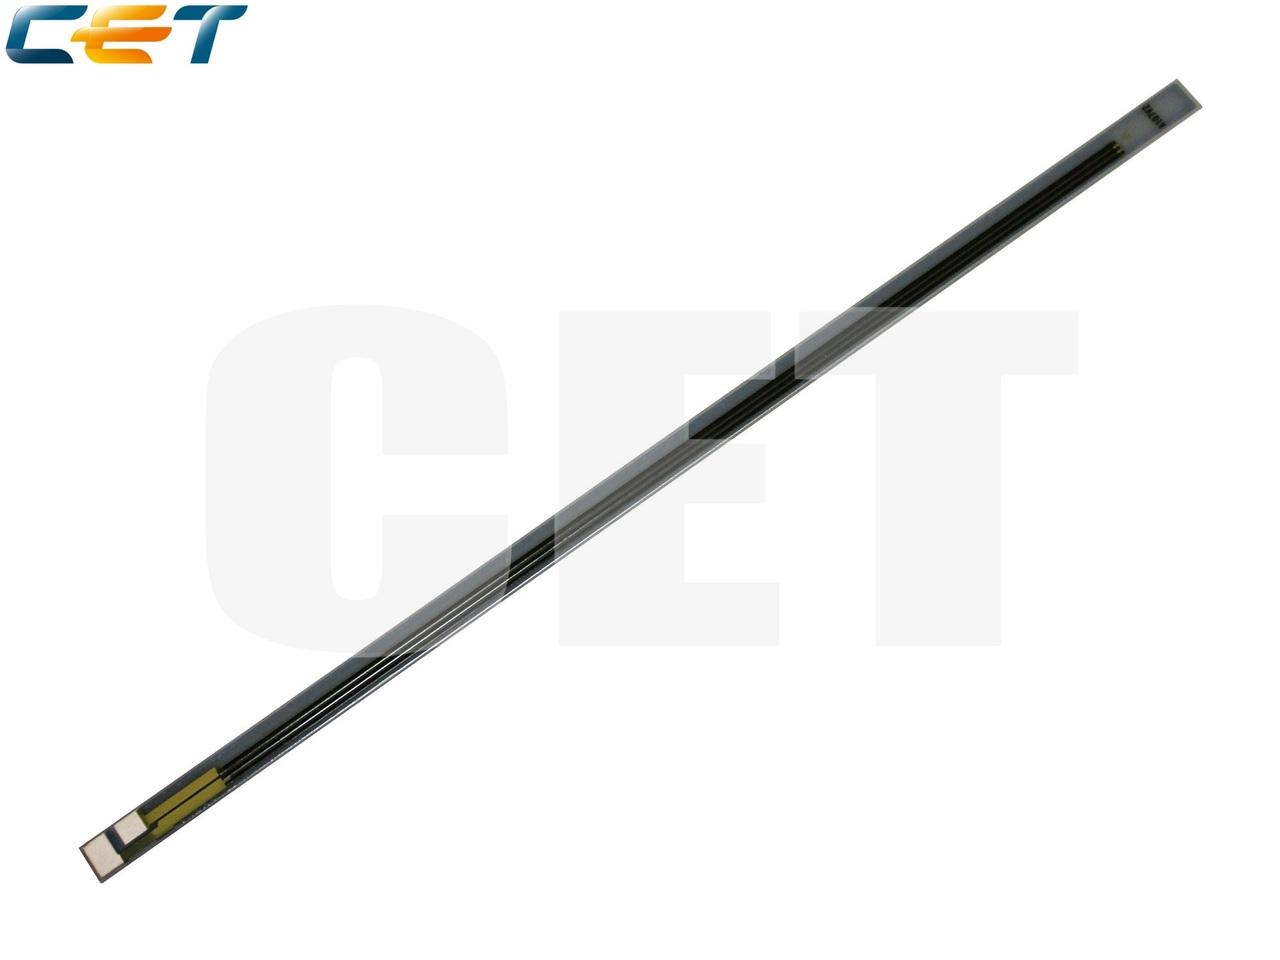 Нагревательный элемент для HP Color LaserJet4700/4730/CP3525, M551/M651/M680/M570/M575 (CET),CET6512